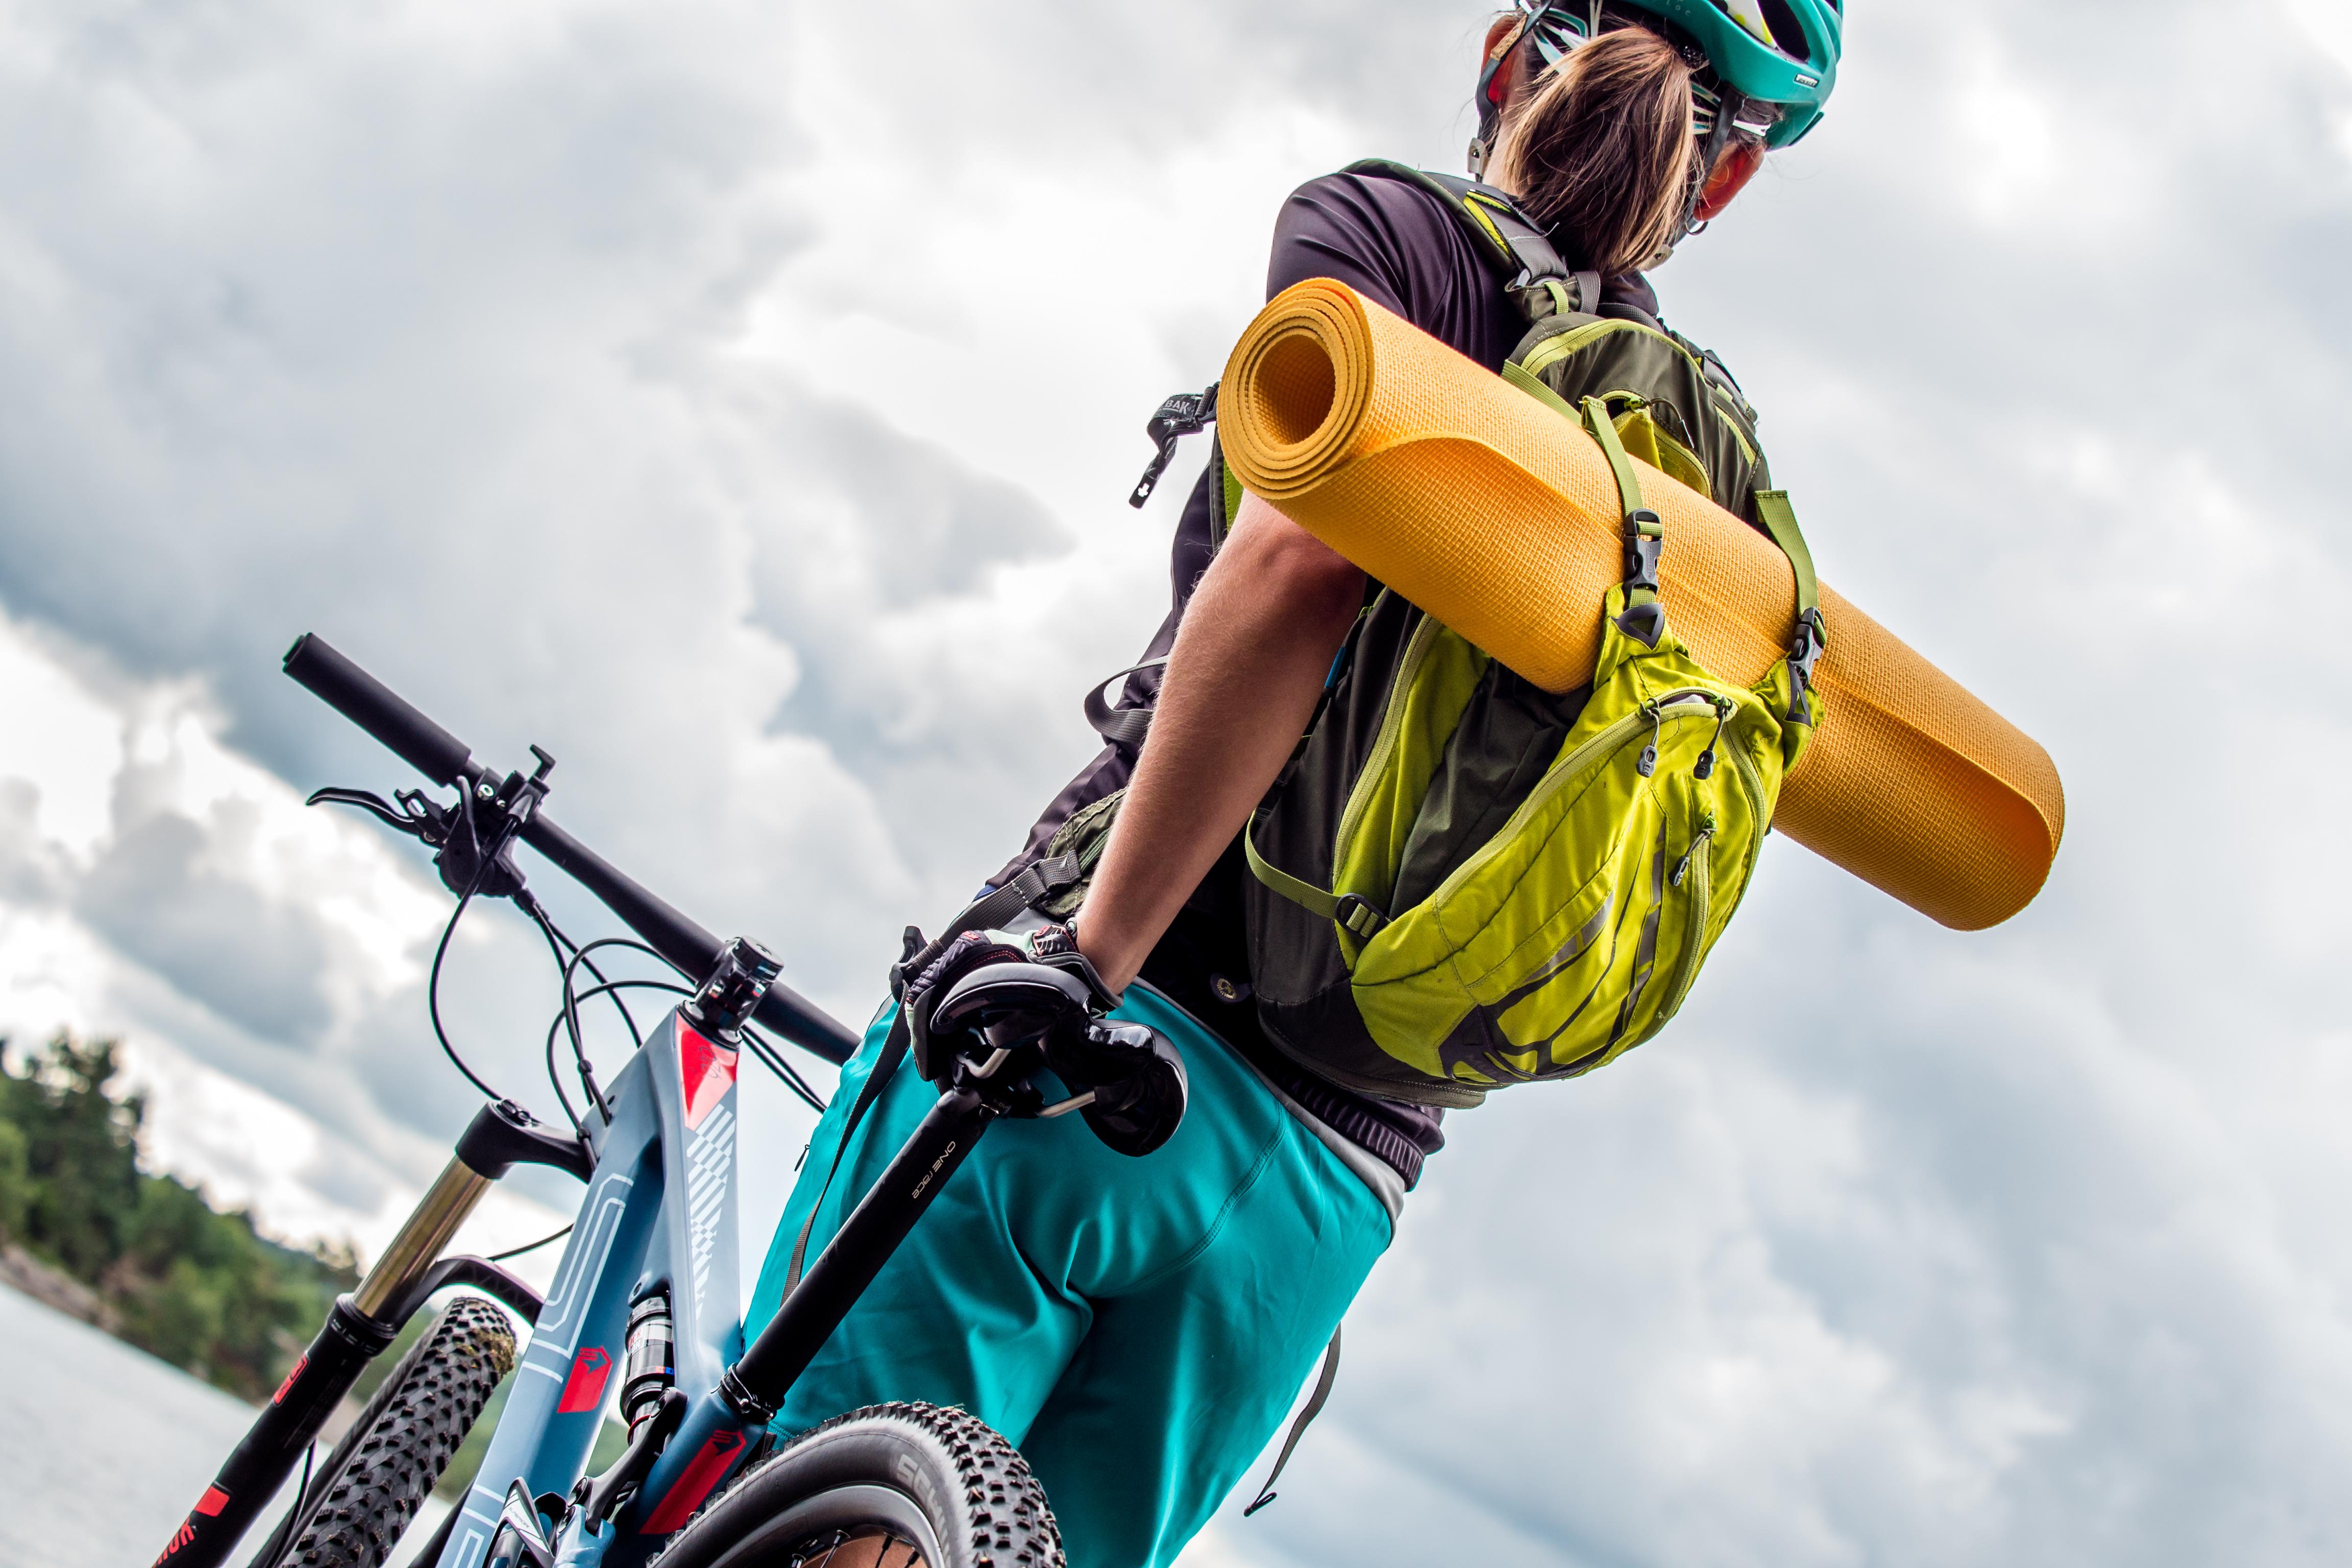 Pakkeliste til lang sykkeltur - Hva bør jeg ha med?